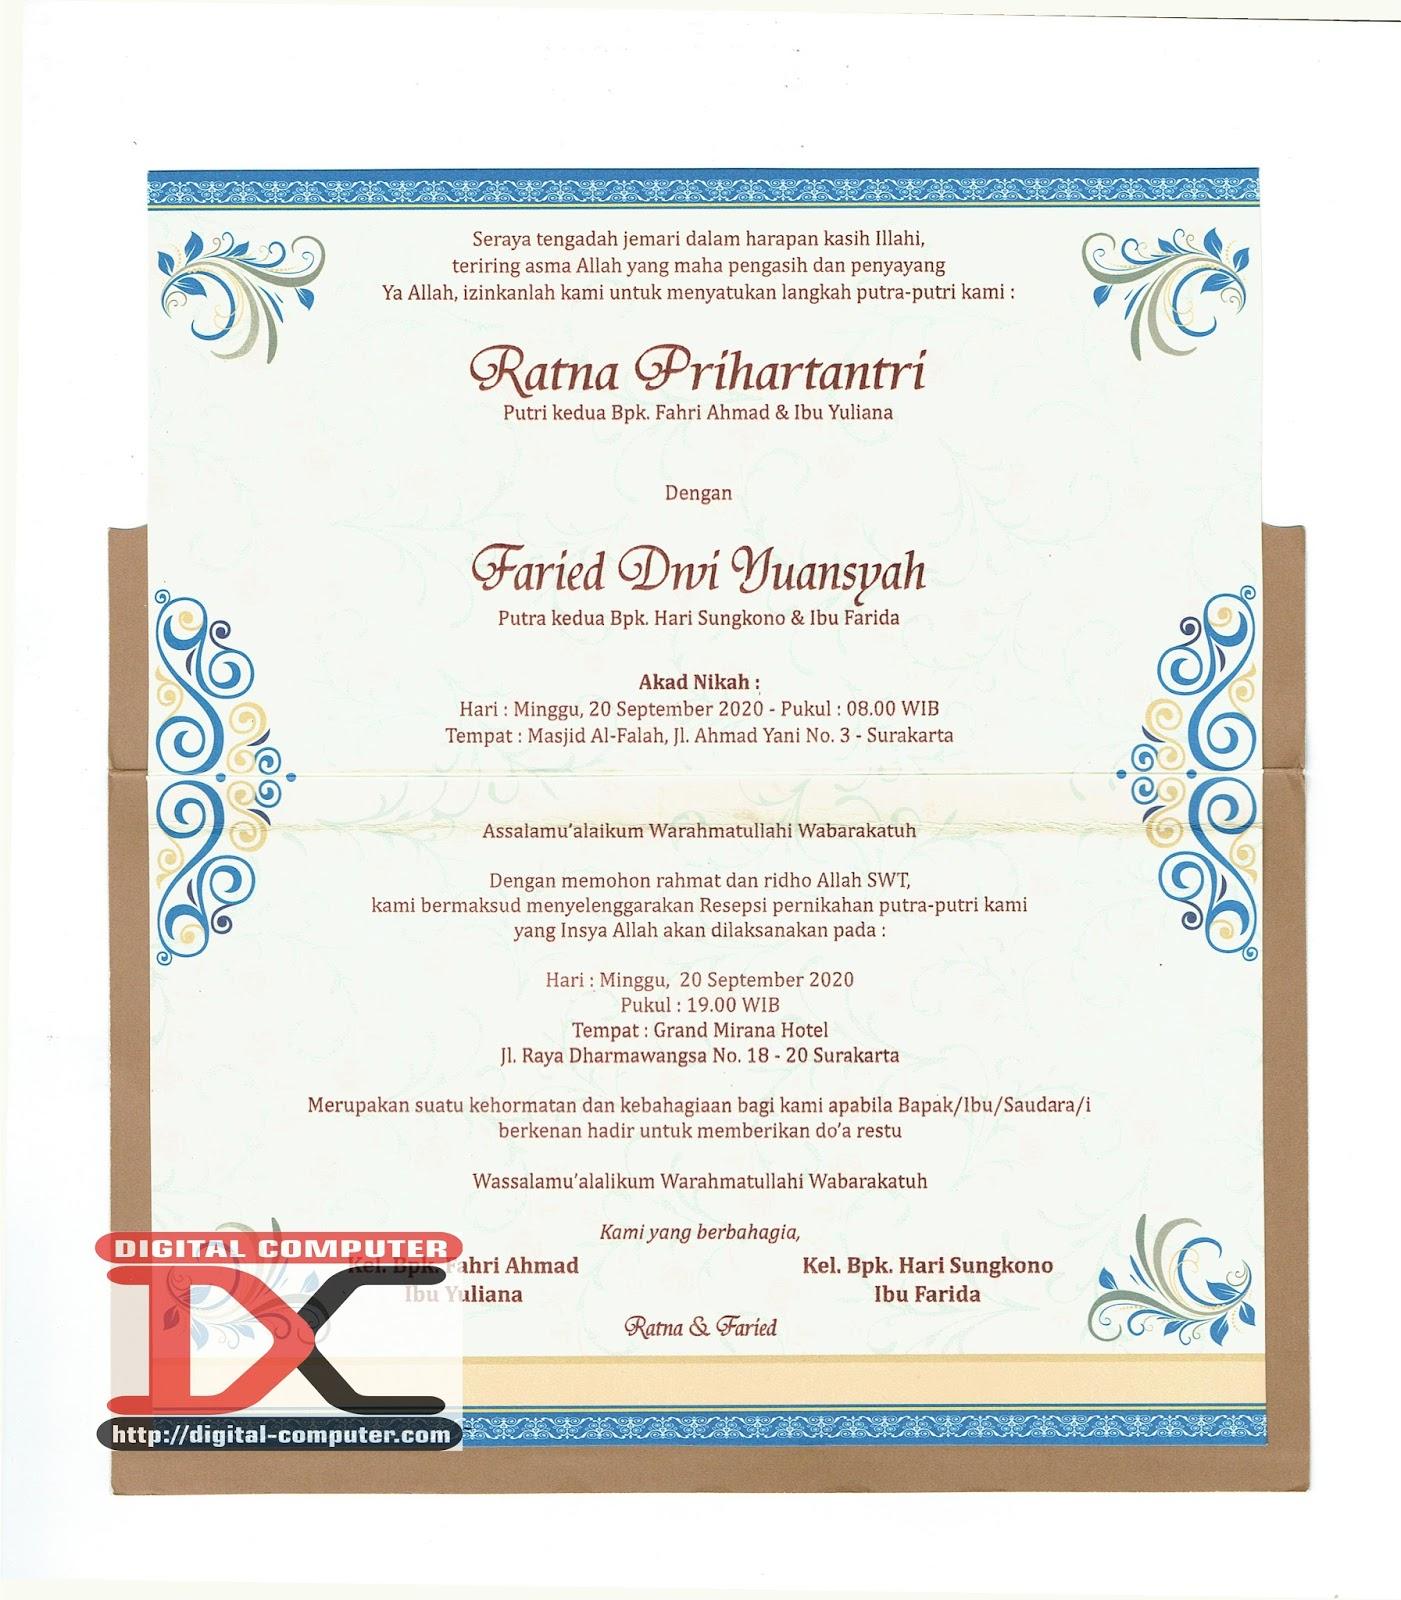 undangan pernikahan harga 3000 rupiah